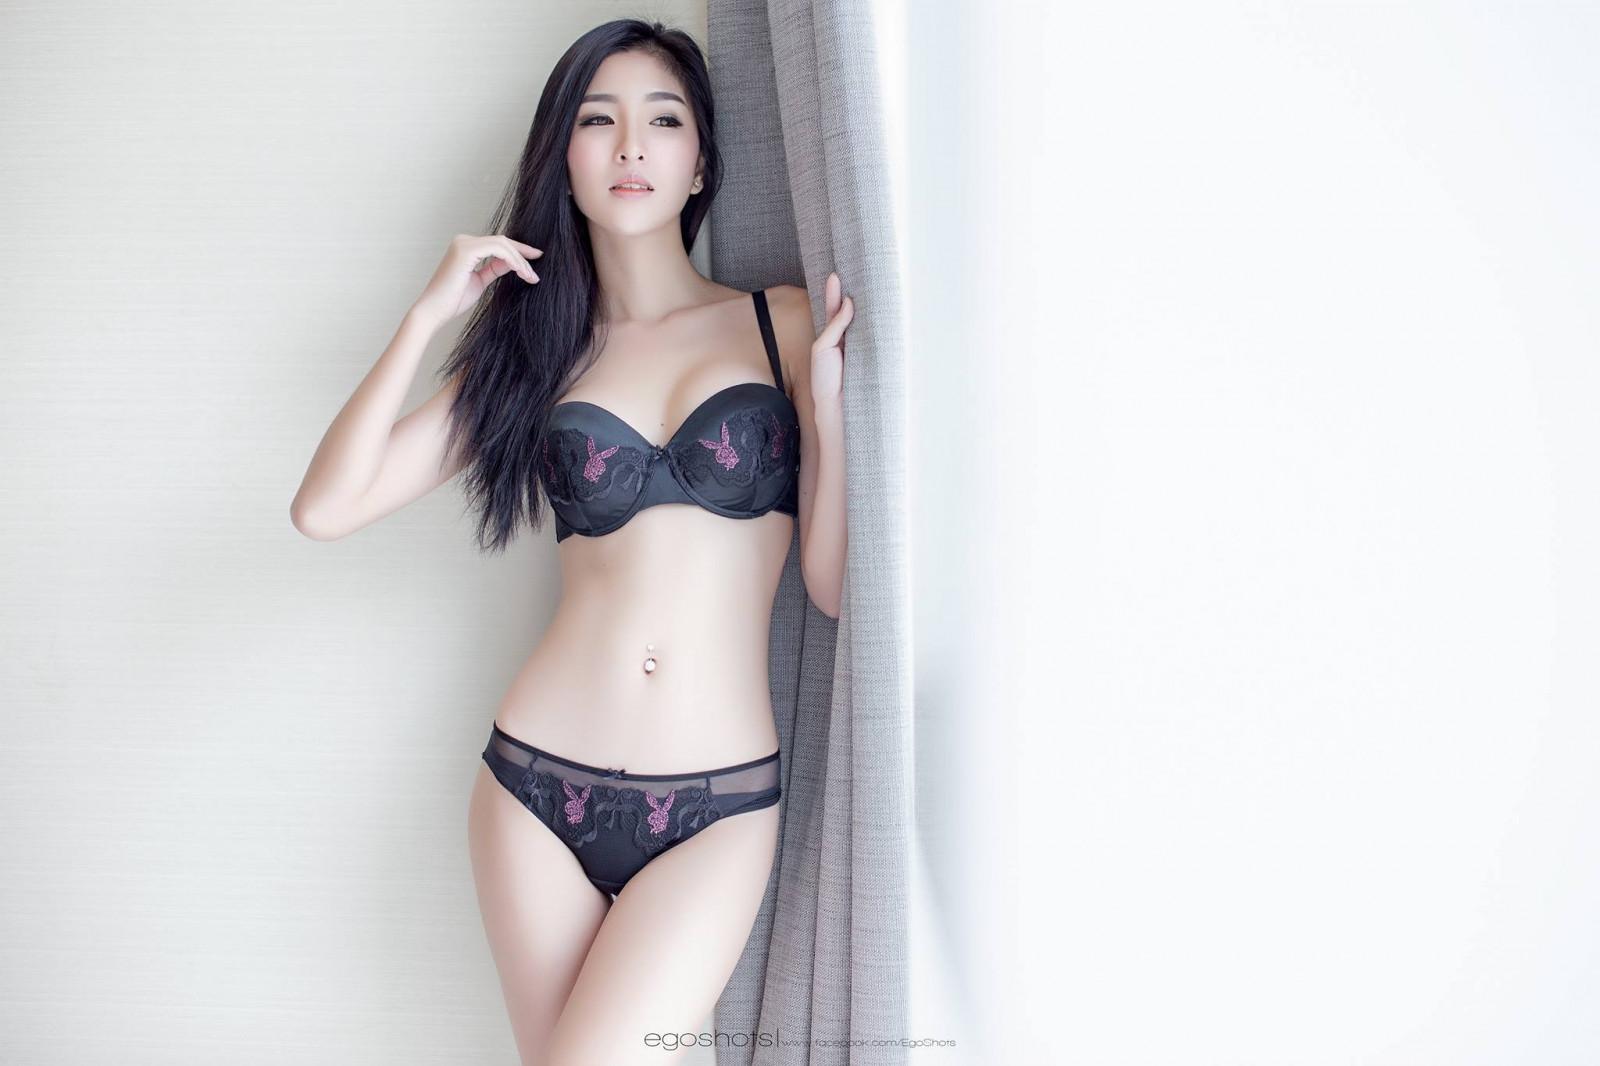 девушки в нижнем белье азиатки рейс зарегистрировалась дома